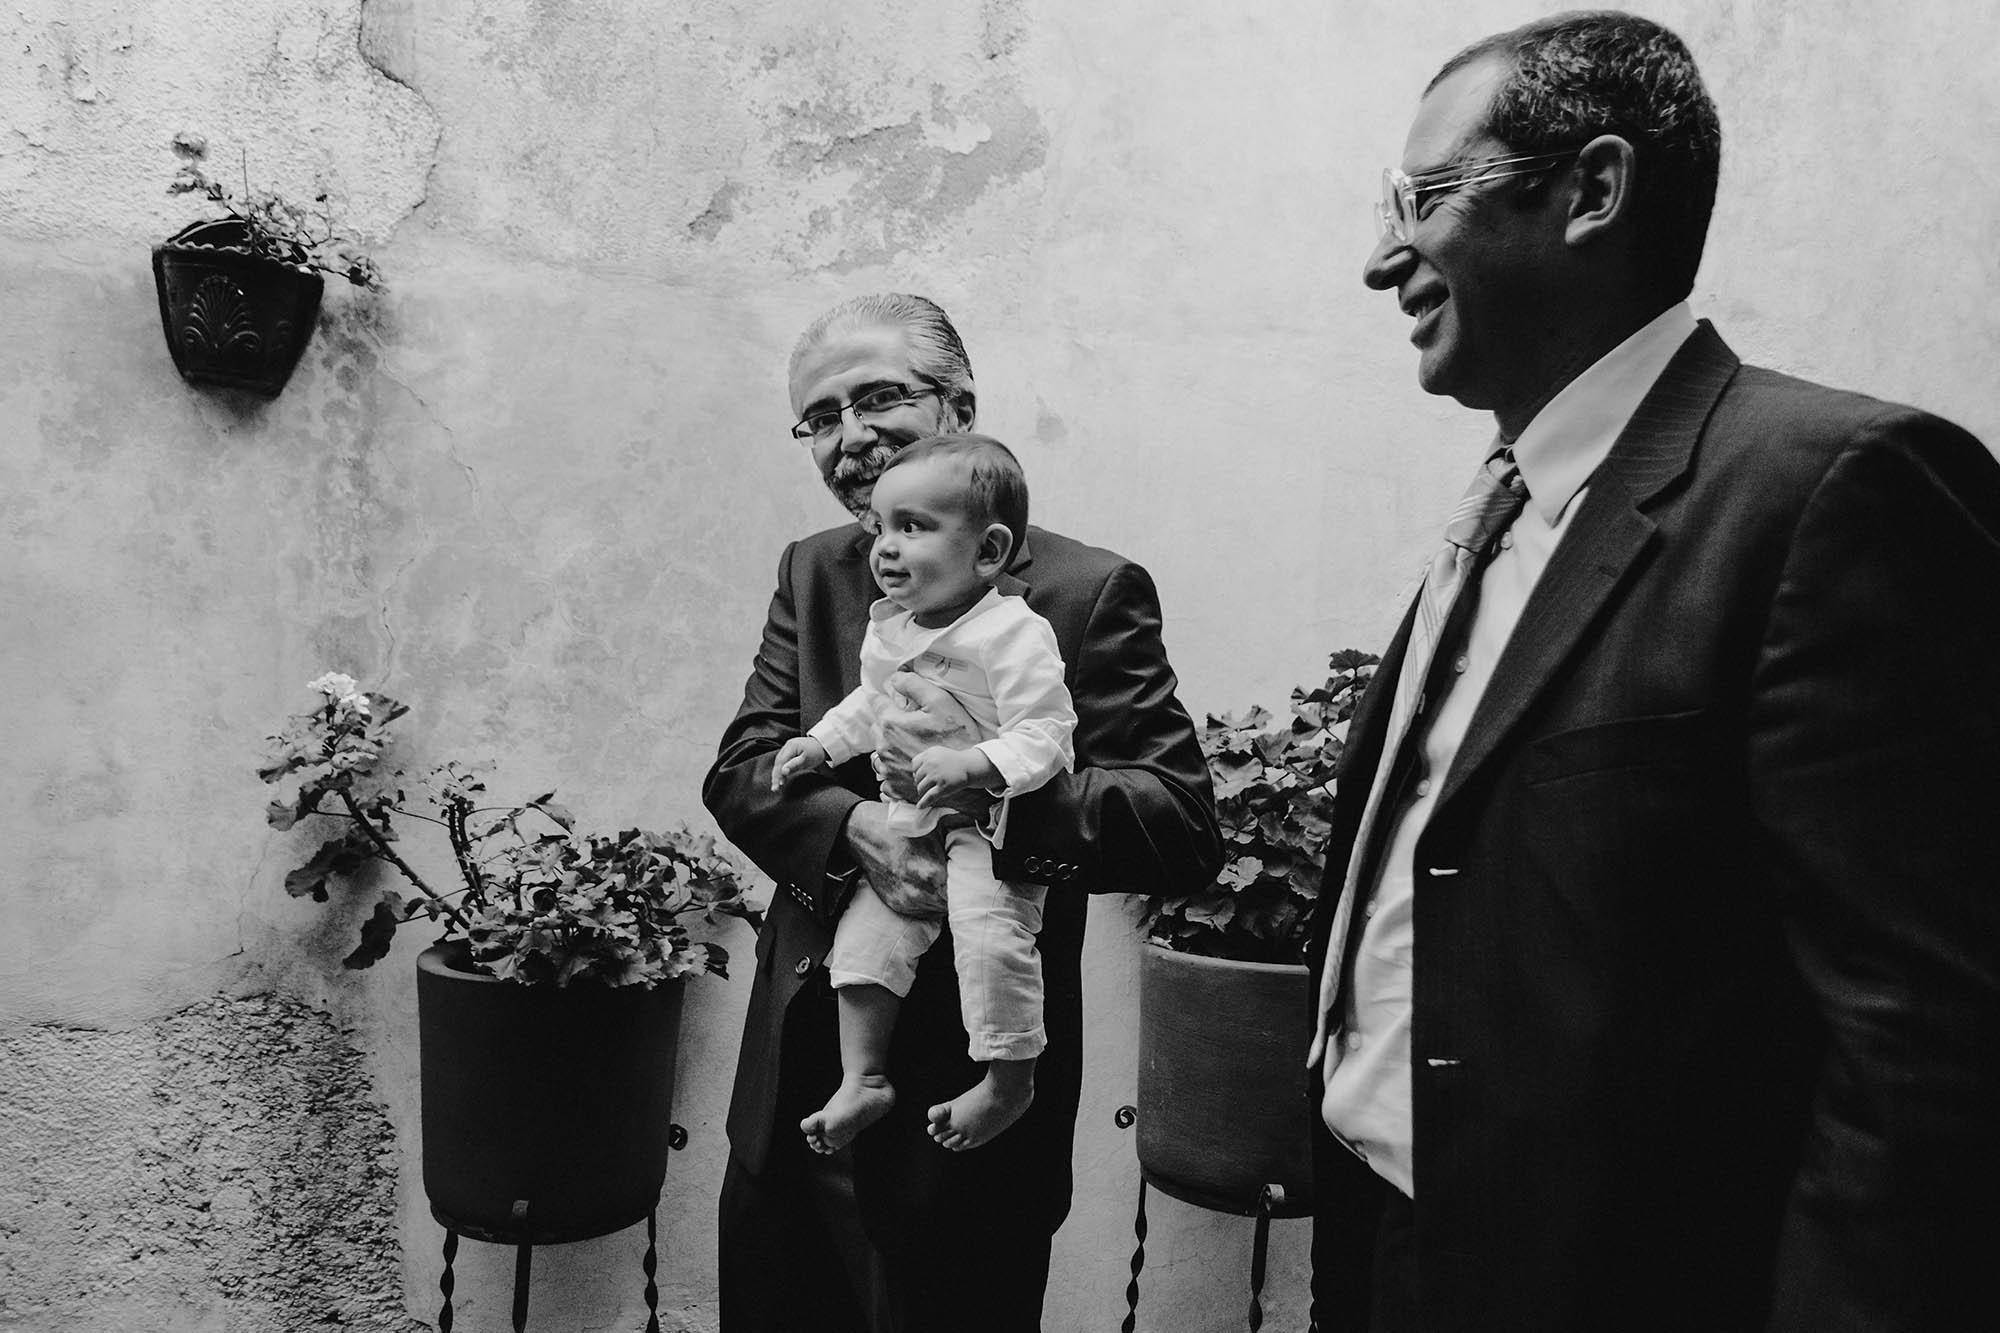 fotografia-de-boda-destino-Jimena-Mañon-Javier-Mere-17.jpg